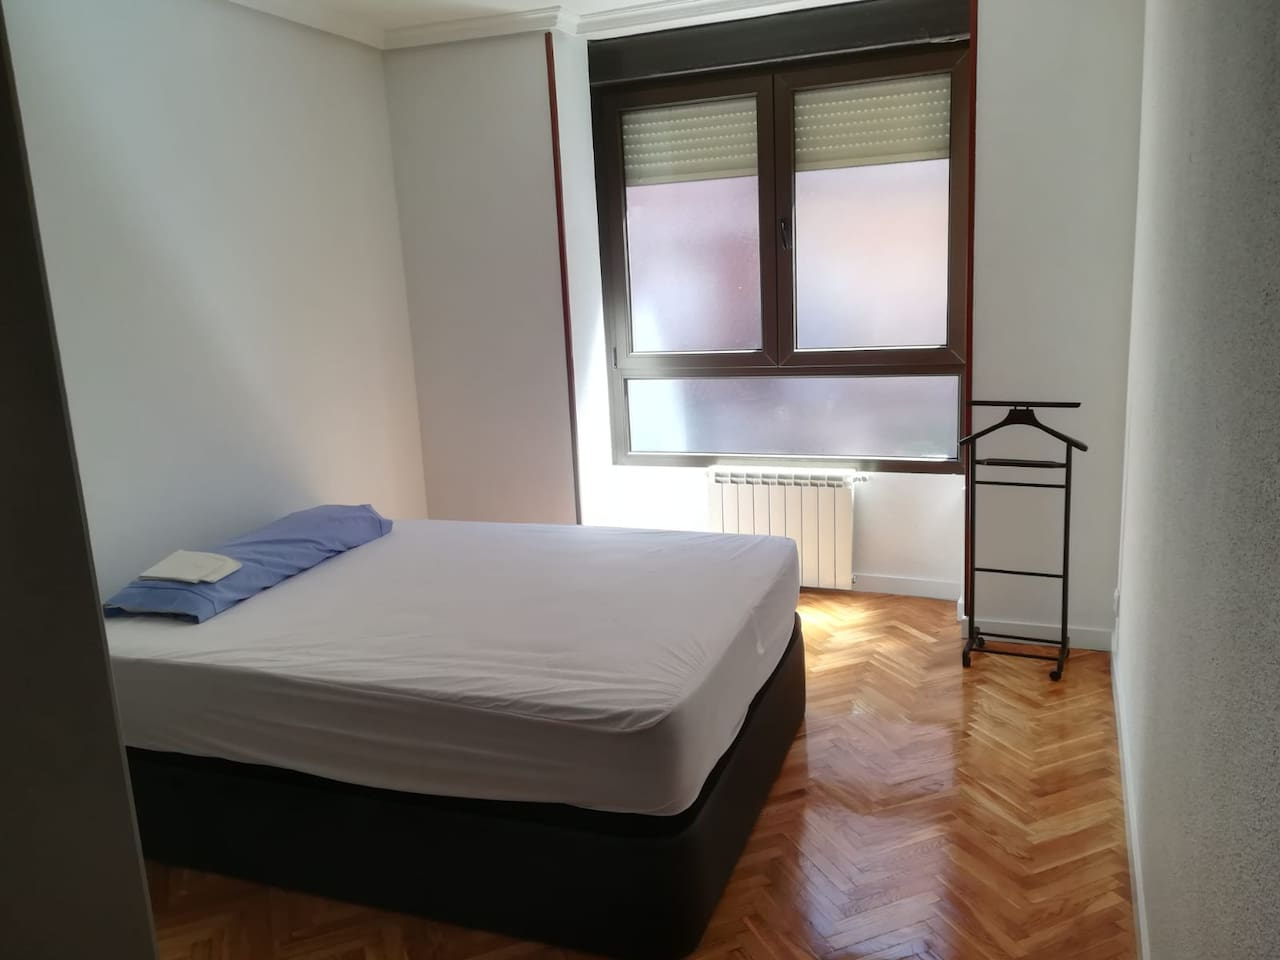 Habitación con cama de matrimonio, colchón viscoelástico, canapé, amplio armario empotrado con espejo.